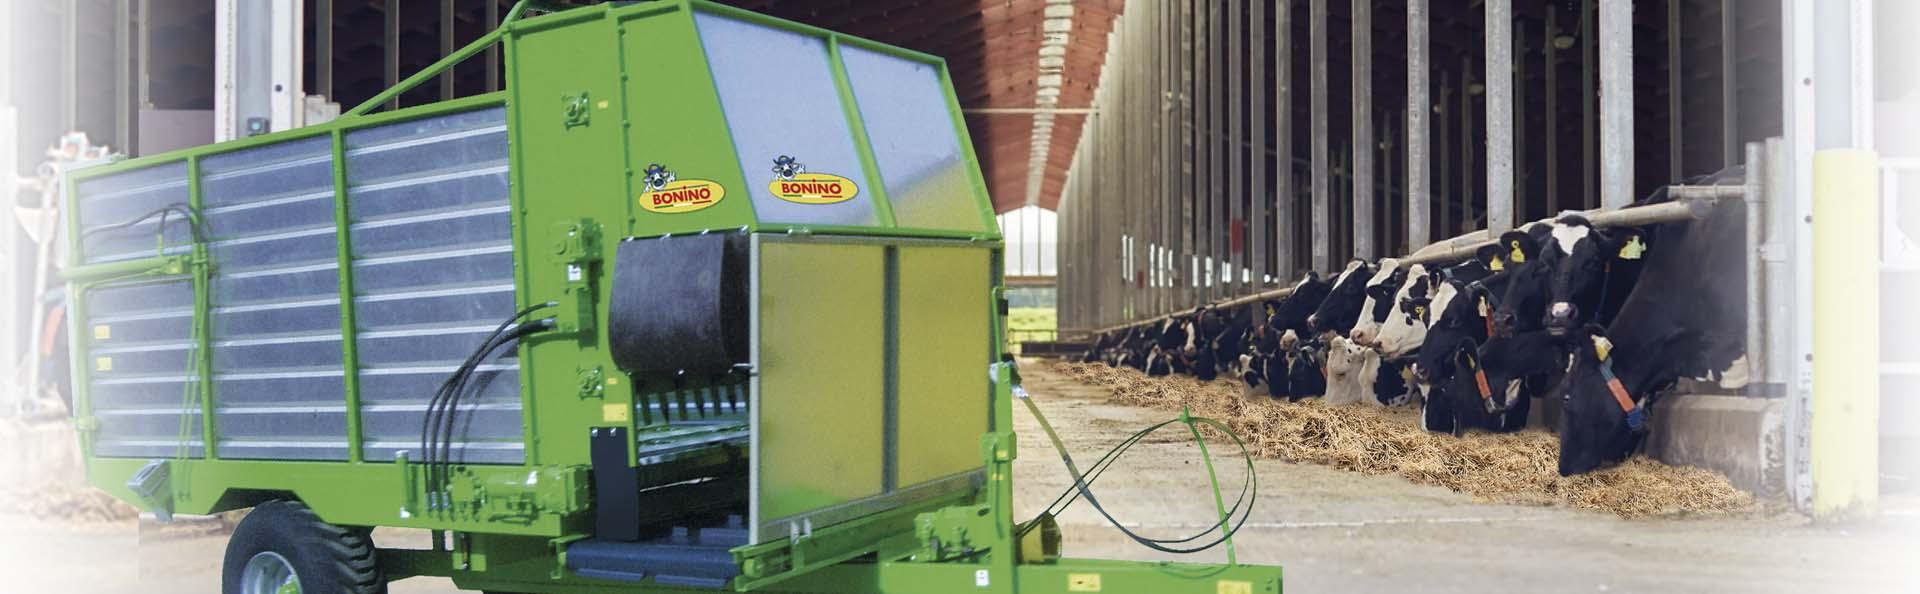 Bonino-carri-foraggeri-forage-wagons-remorque-fourragère-distributrice-remolque-forrajero-Futtermischwagen